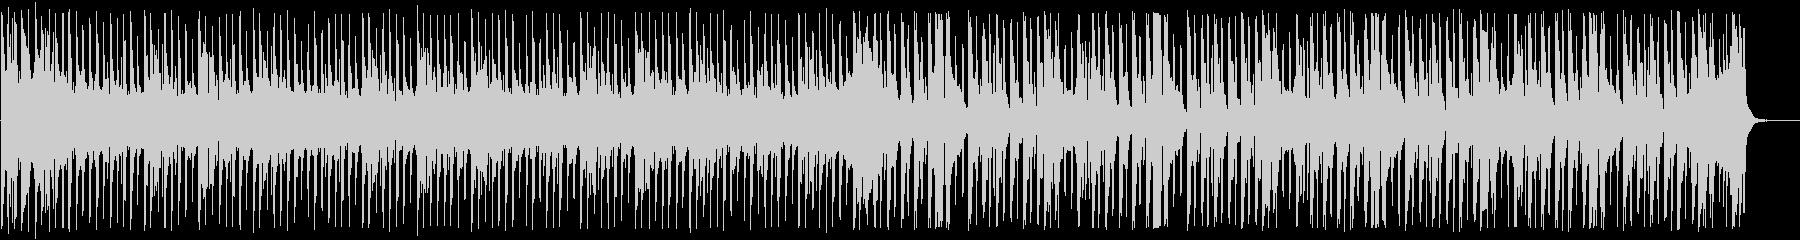 サイバーなディープハウス_No679_2の未再生の波形